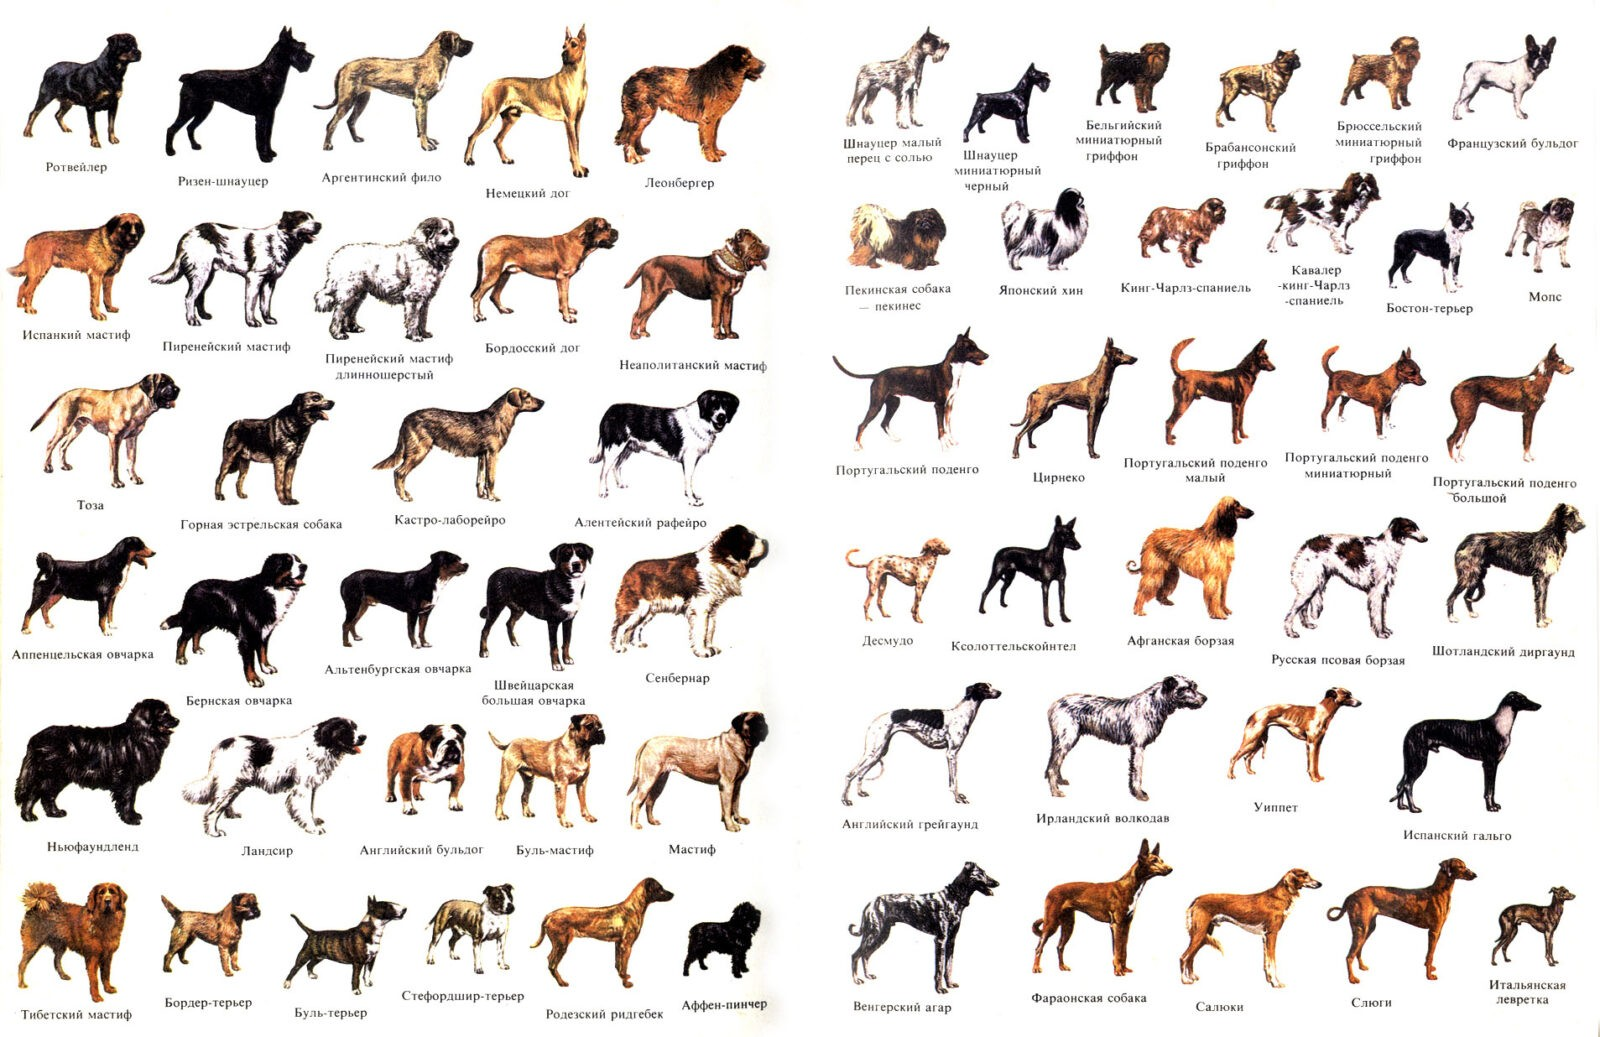 Породы собак: полный список, описание популярных пород с фото.